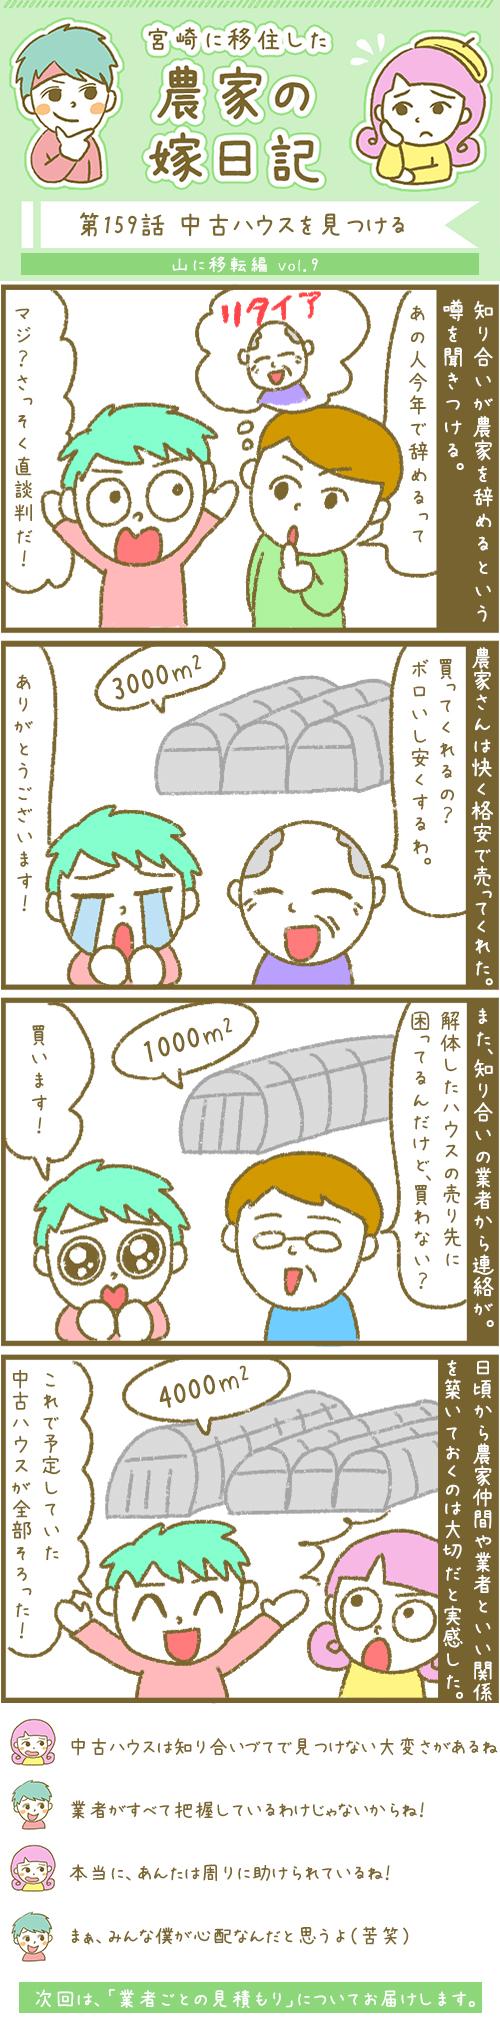 漫画第159話